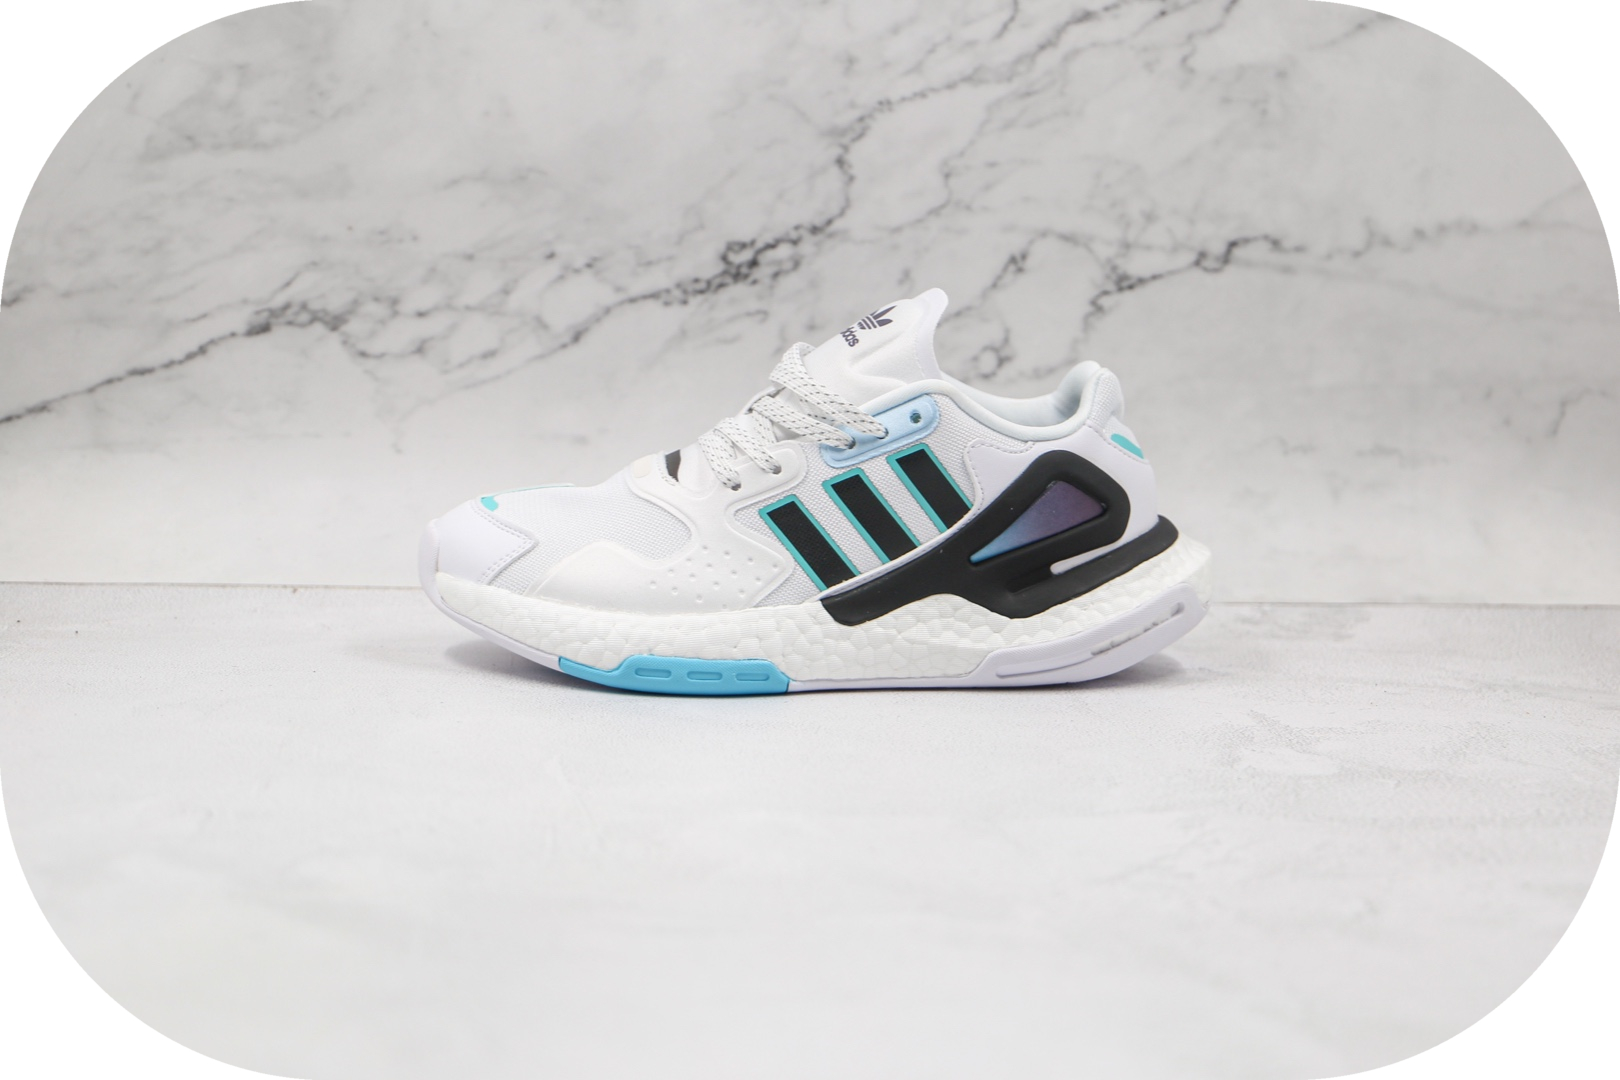 阿迪达斯Adidas Day Jogger 2020 Boost纯原版本夜行者二代炫彩边白黑色爆米花跑鞋原盒原标 货号:GZ2716